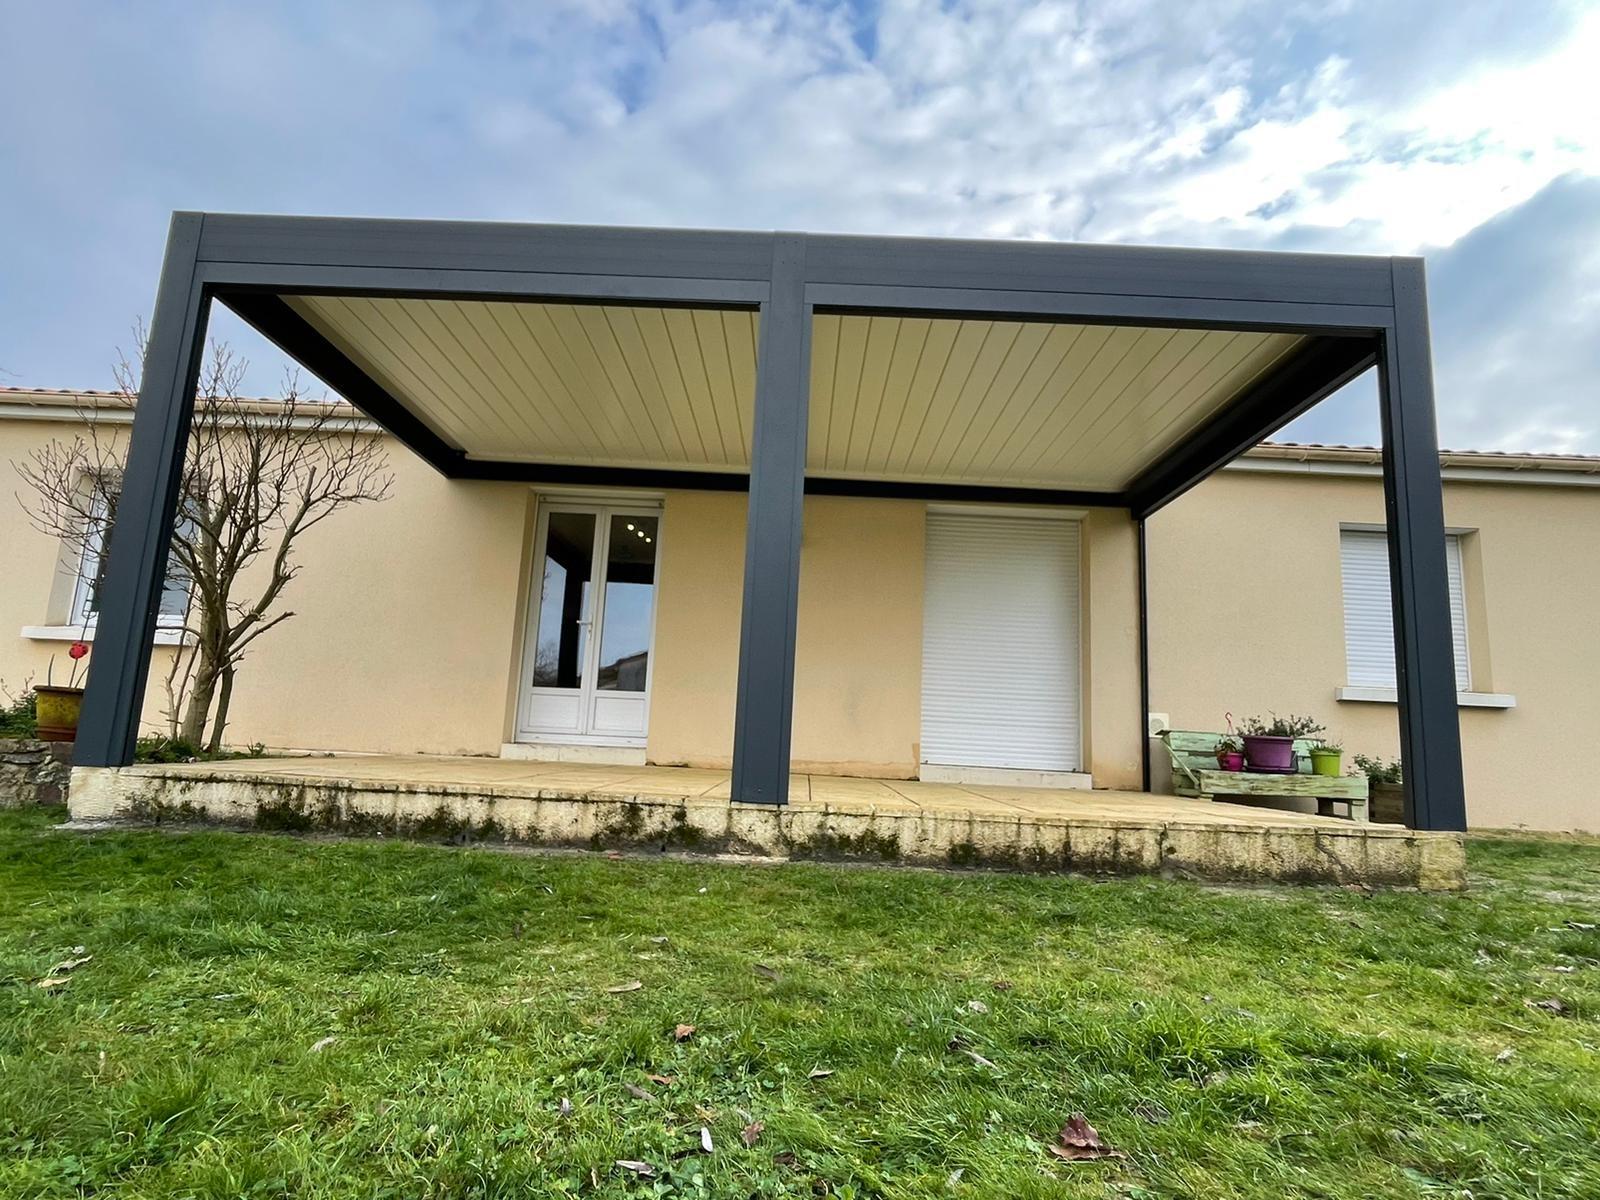 Pergola Bioclimatique Le Cellier (44850)